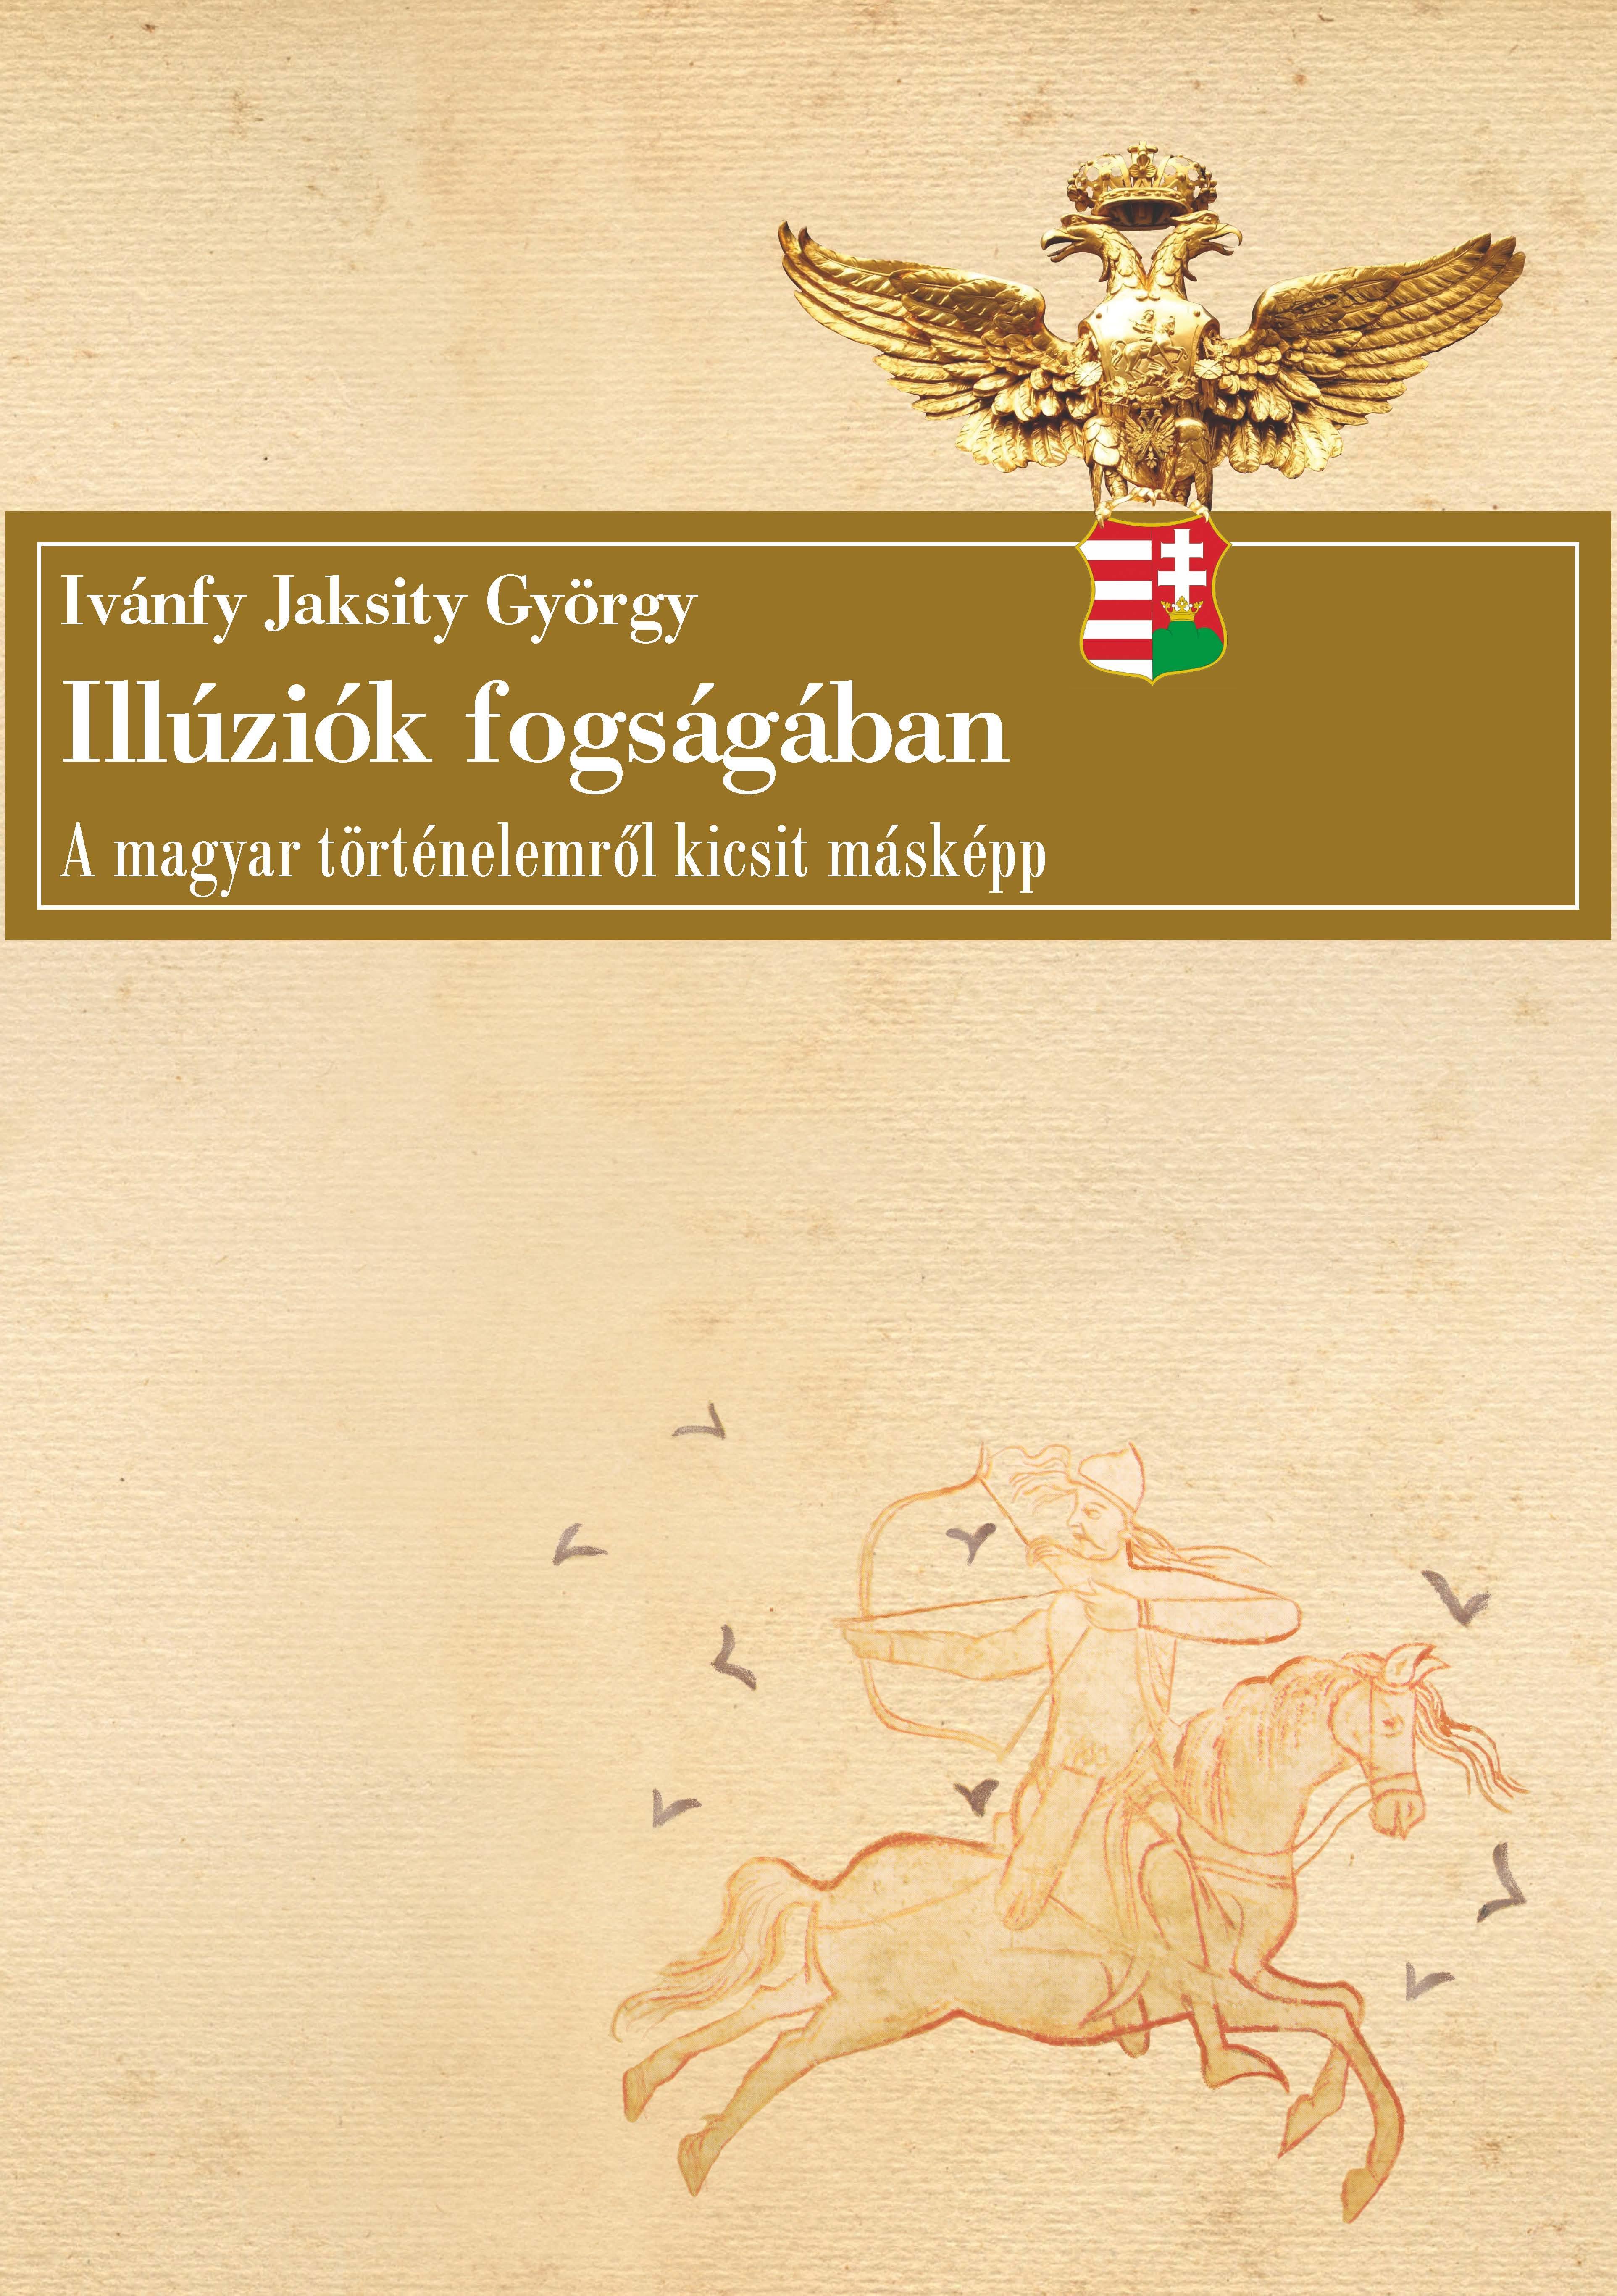 ILLÚZIÓK FOGSÁGÁBAN - A MAGYAR TÖRTÉNELEMRŐL KICSIT MÁSKÉPP